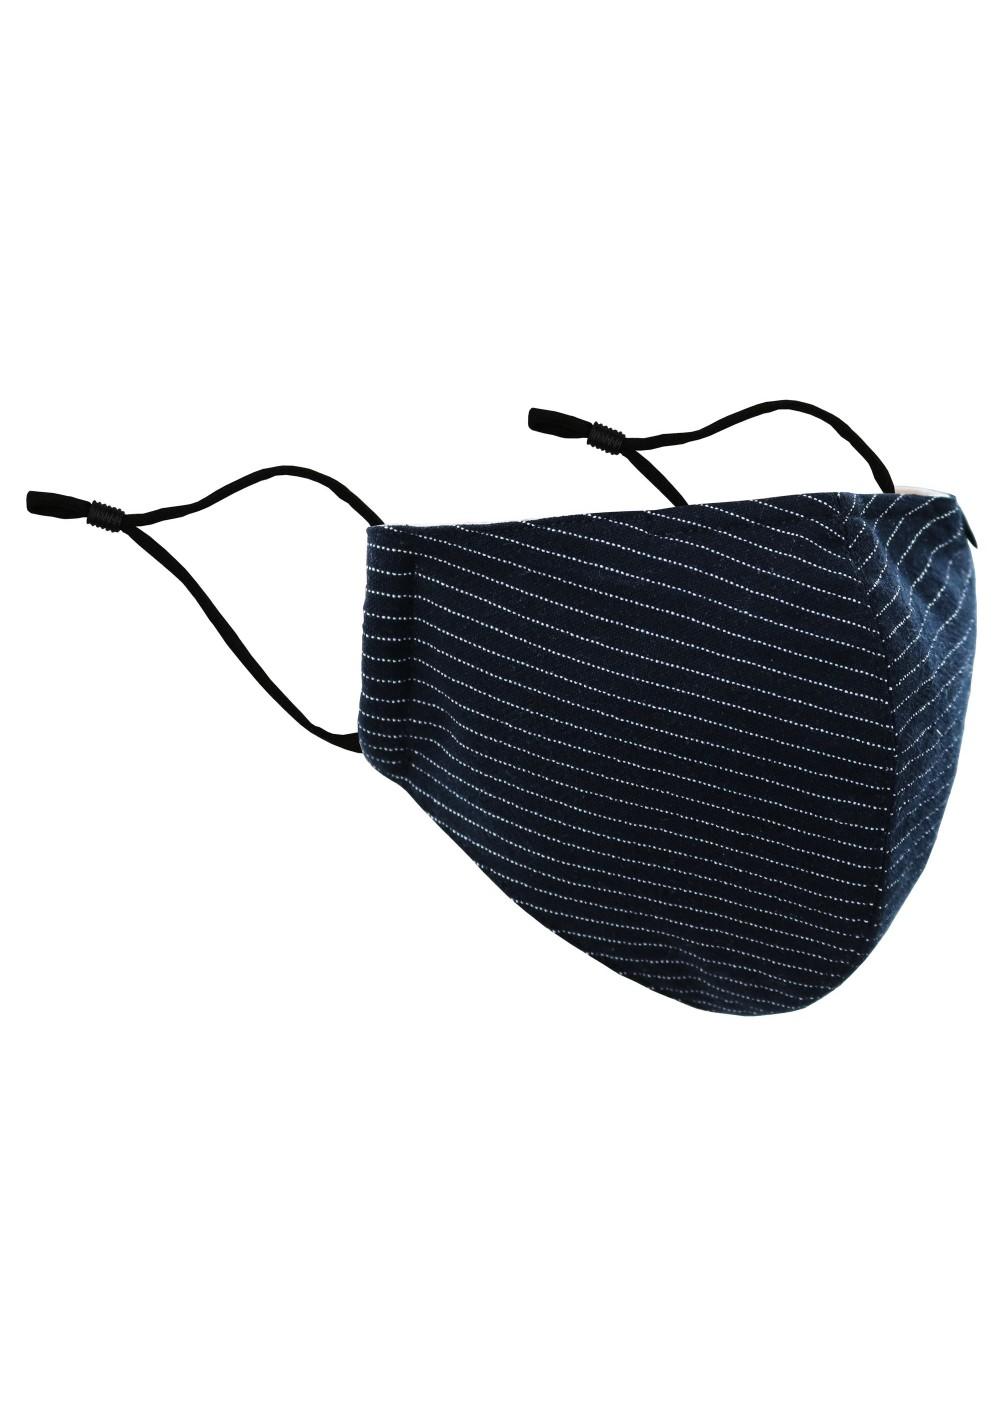 Pin Stripe Face Mask in Black